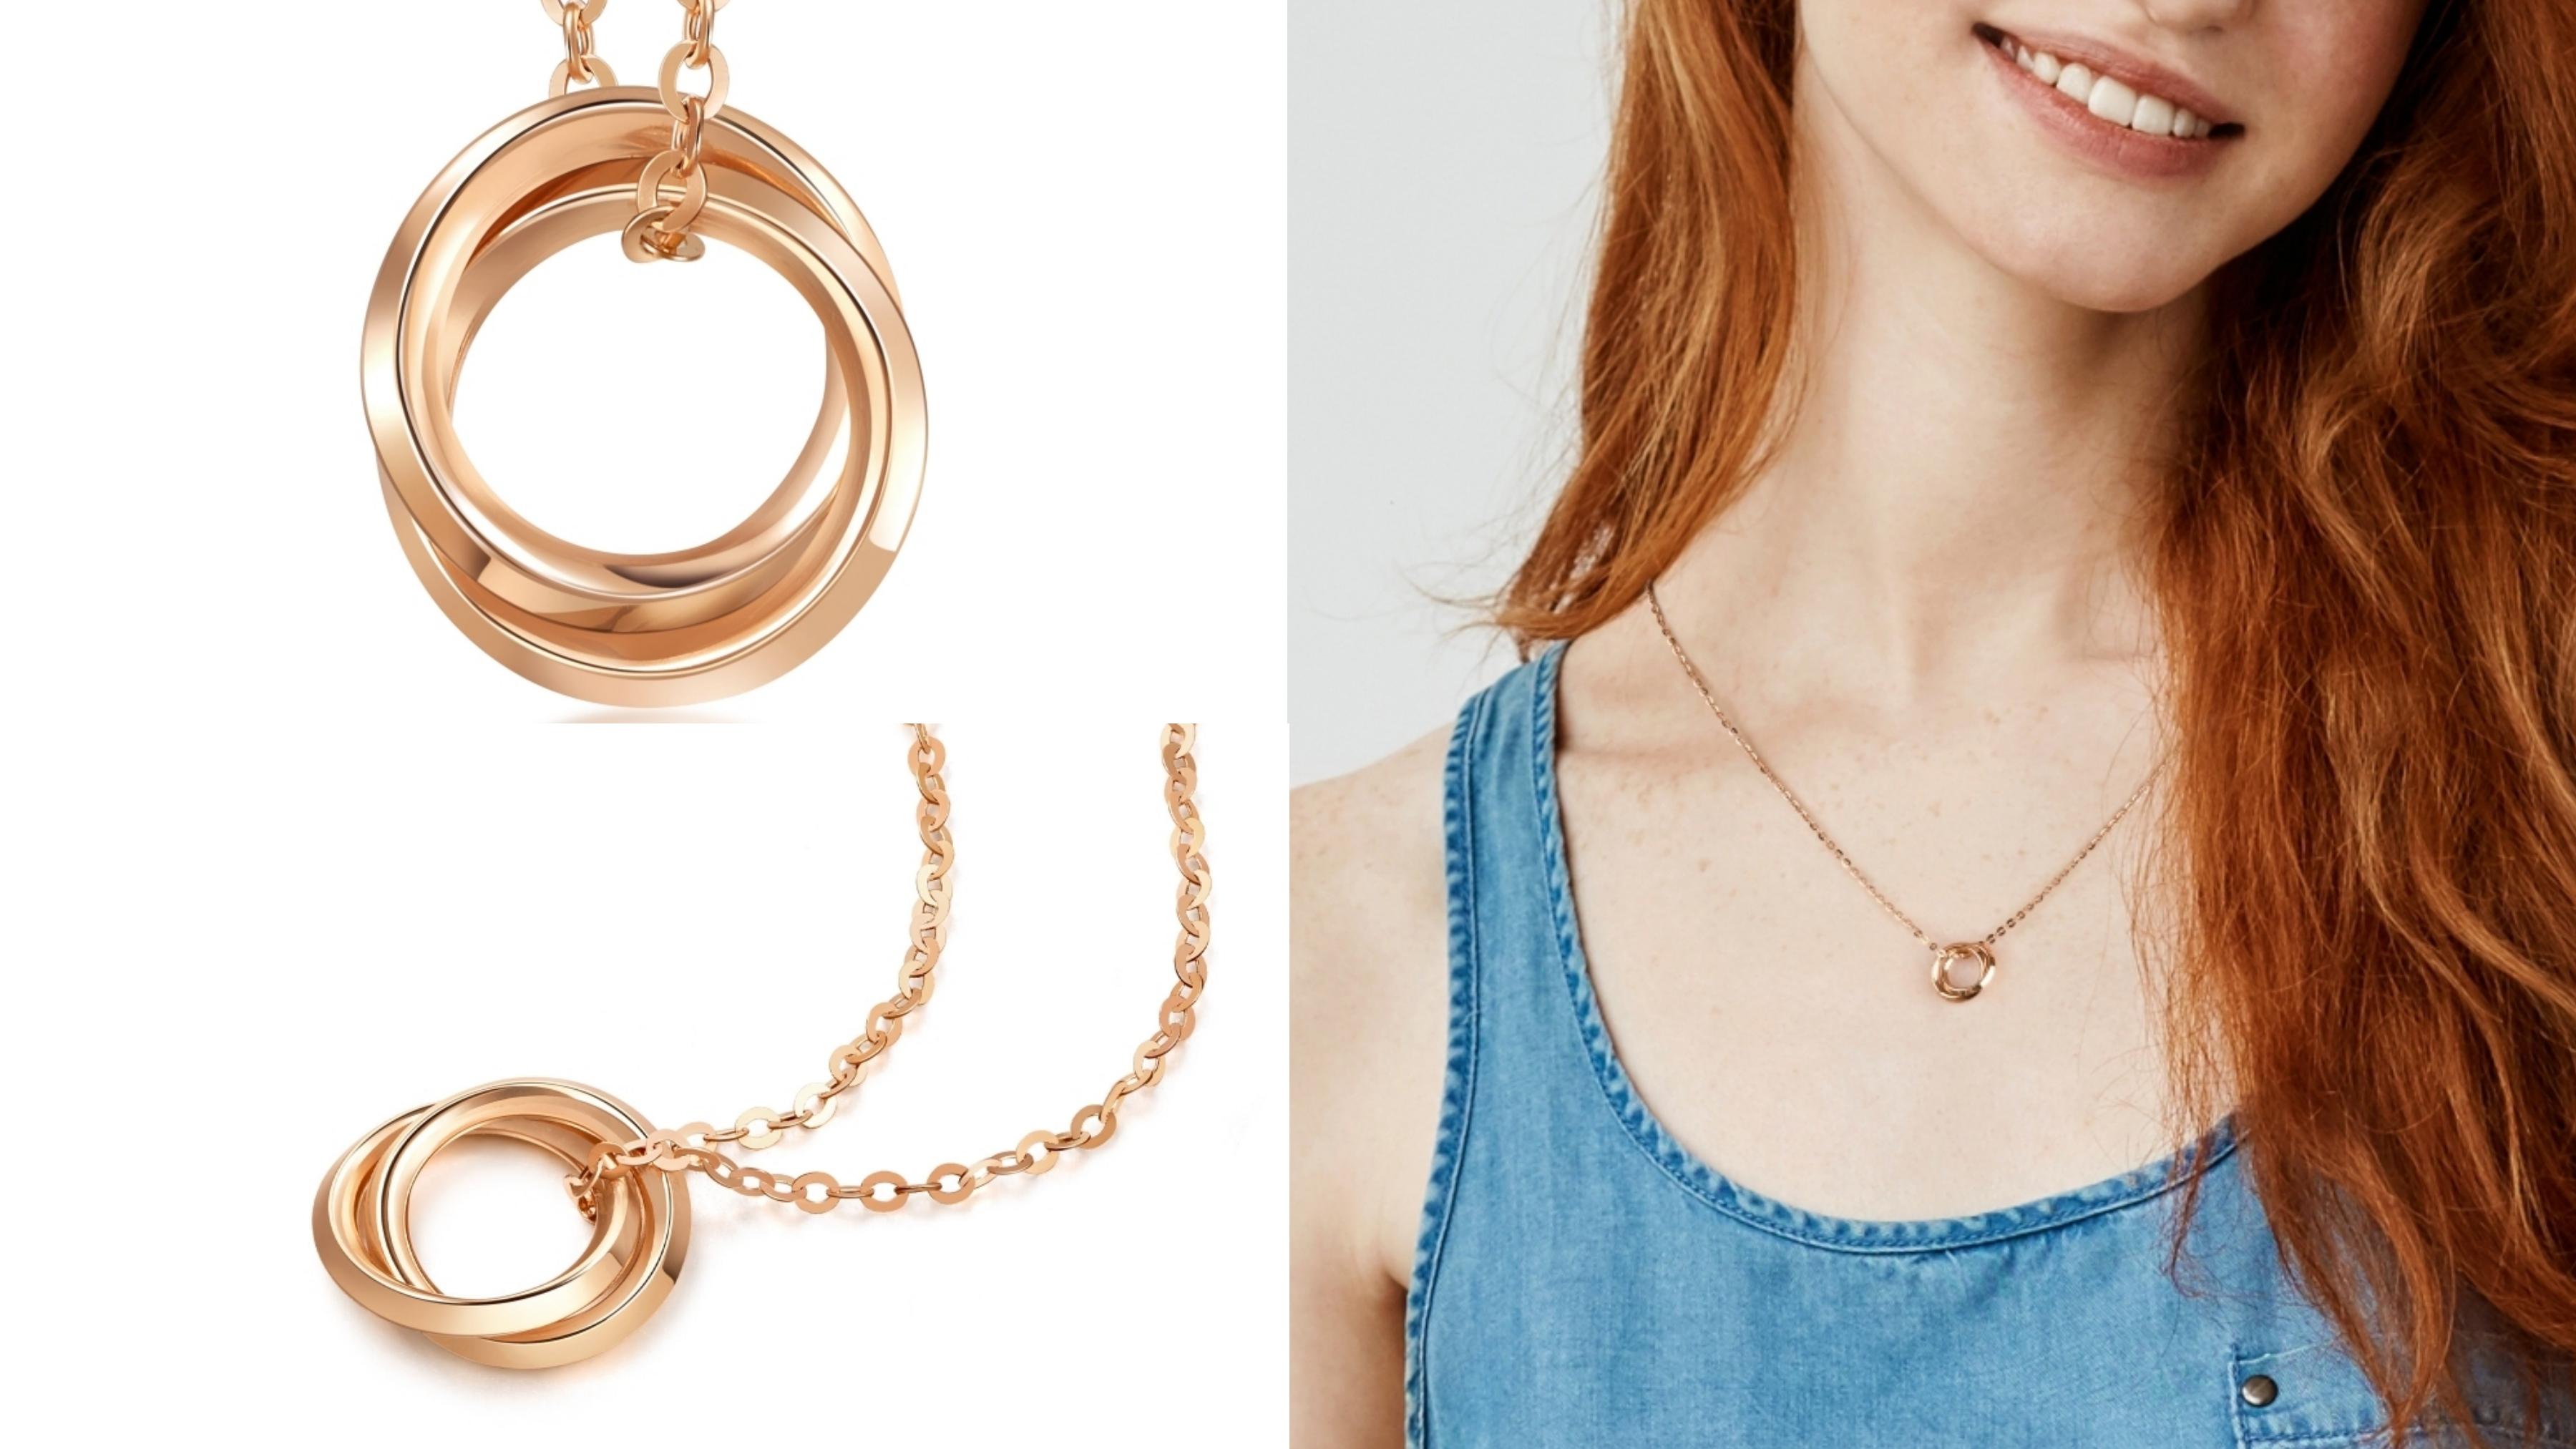 18K金材質,不易過敏,設計感的圓環相疉交錯